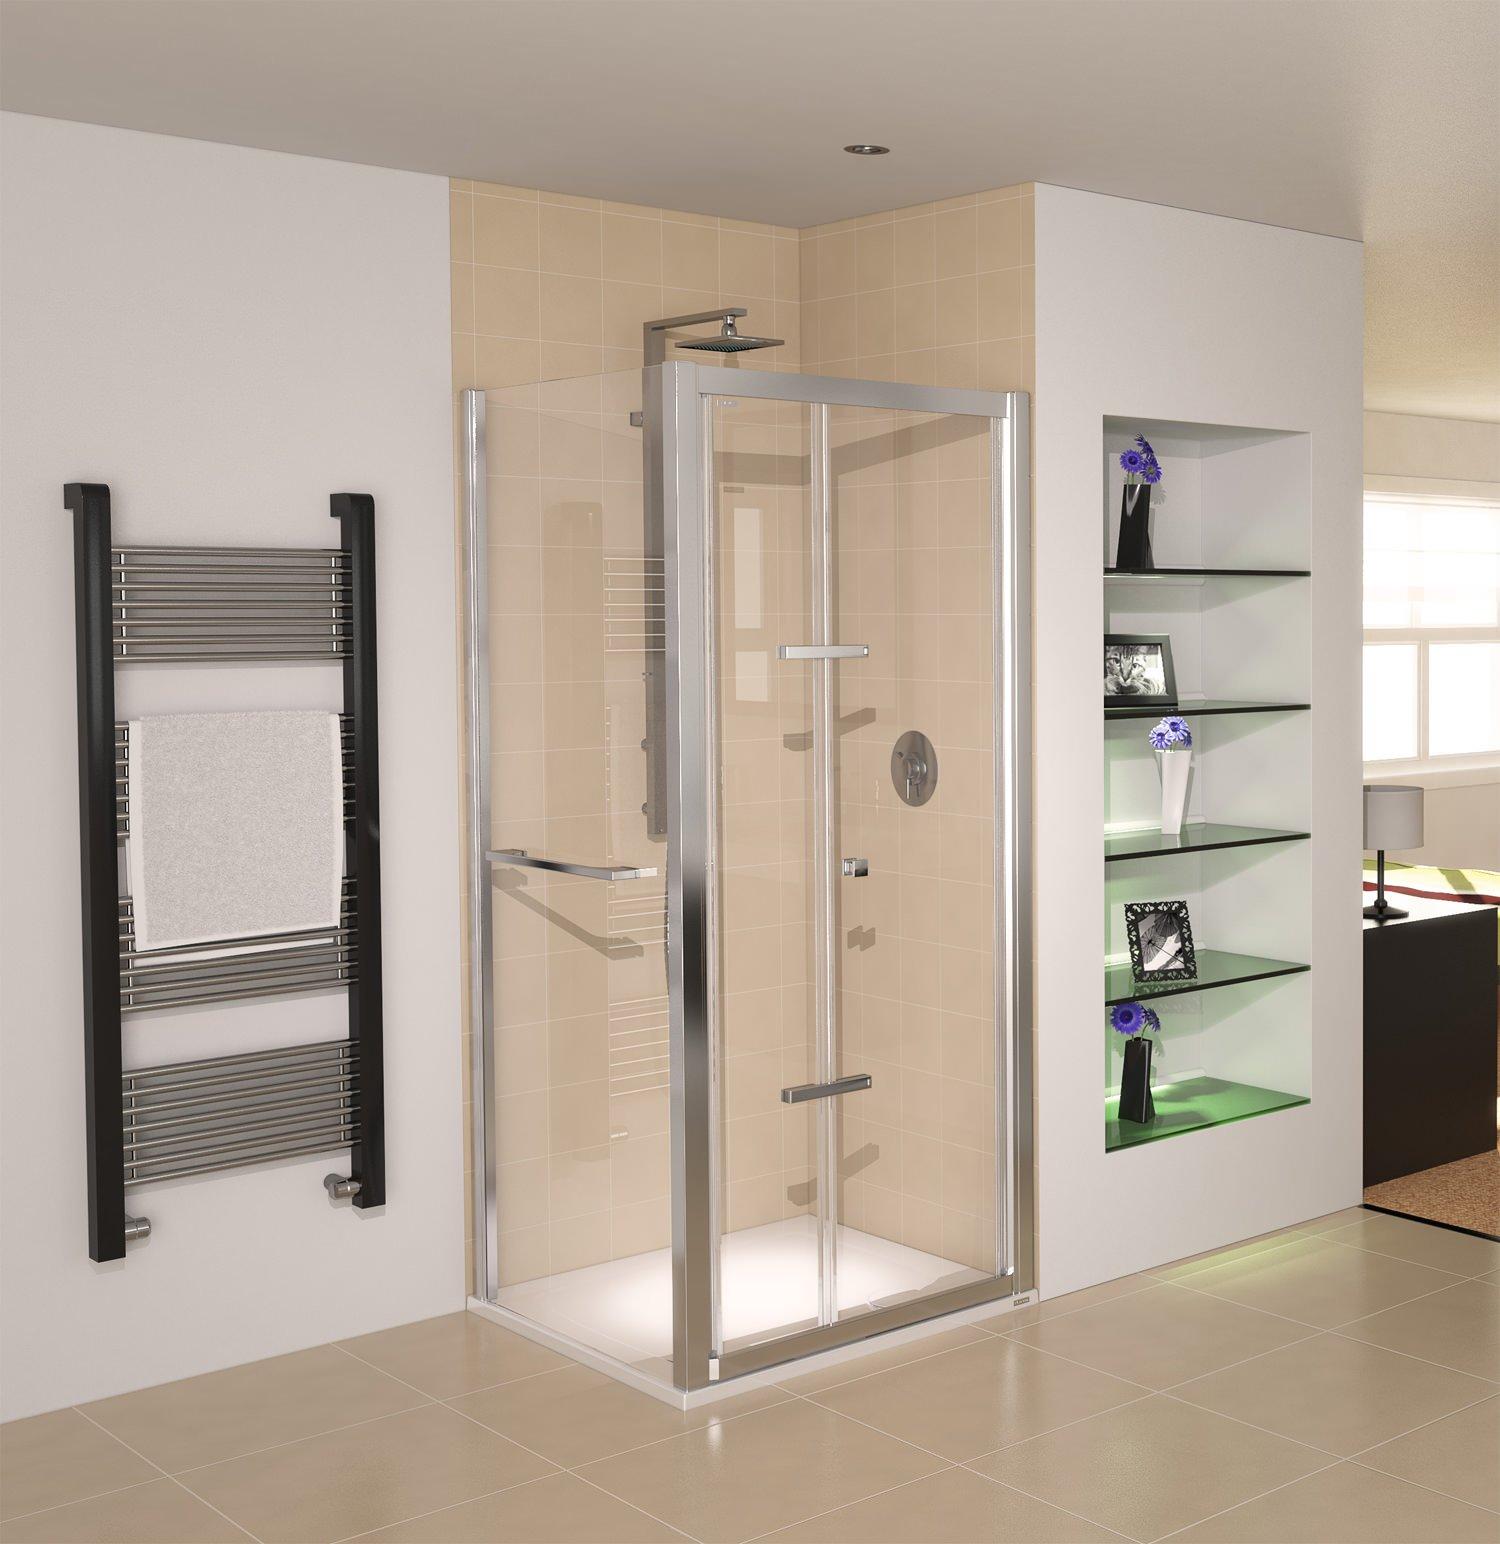 Aqualux aqua 8 glide bi fold shower door 900mm polished silver for 1800mm high shower door